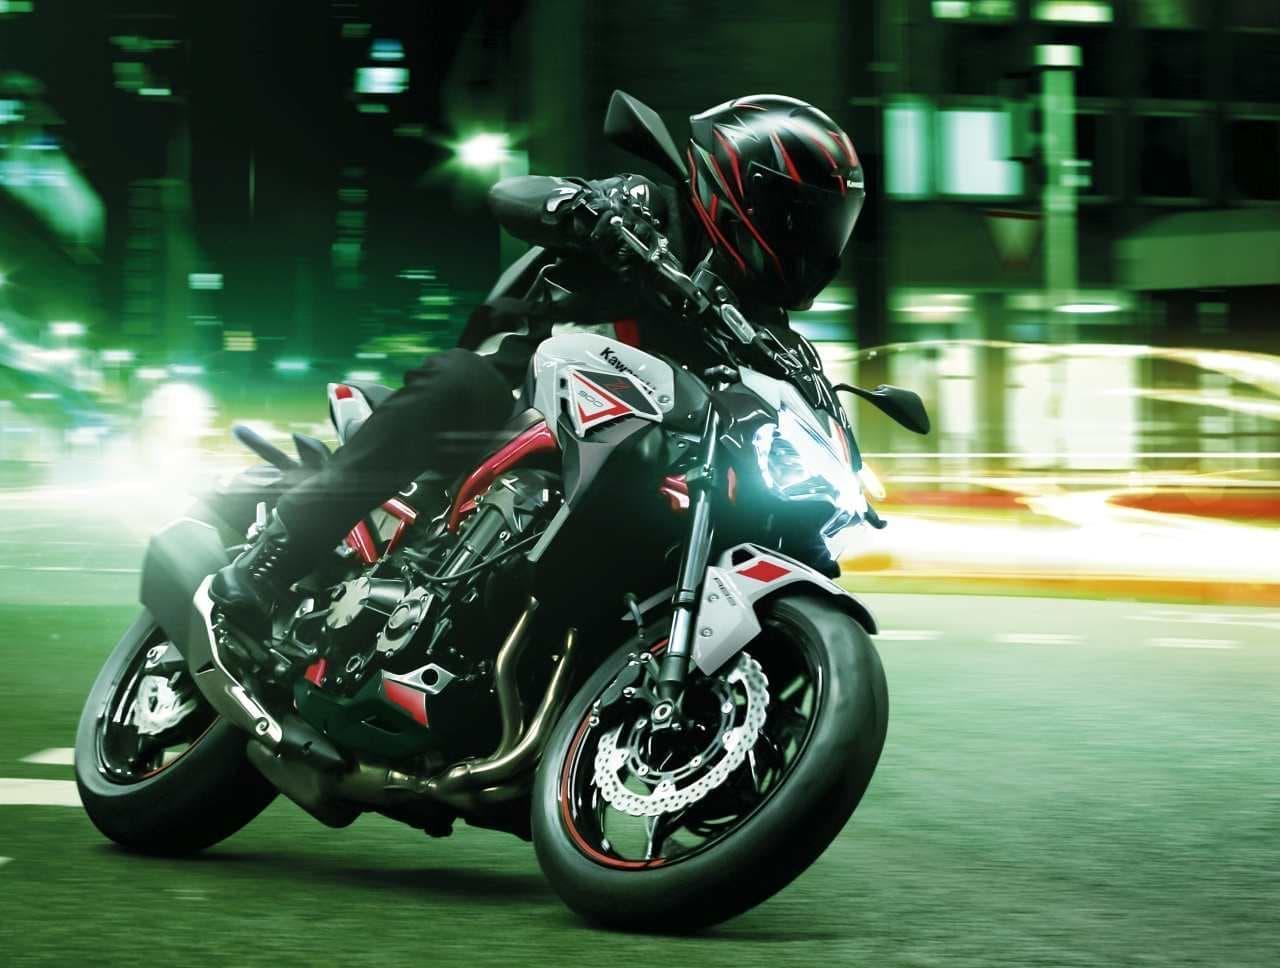 カワサキから「Z900」にニューグラフィック - アグレッシブな「Sugomi」デザイン